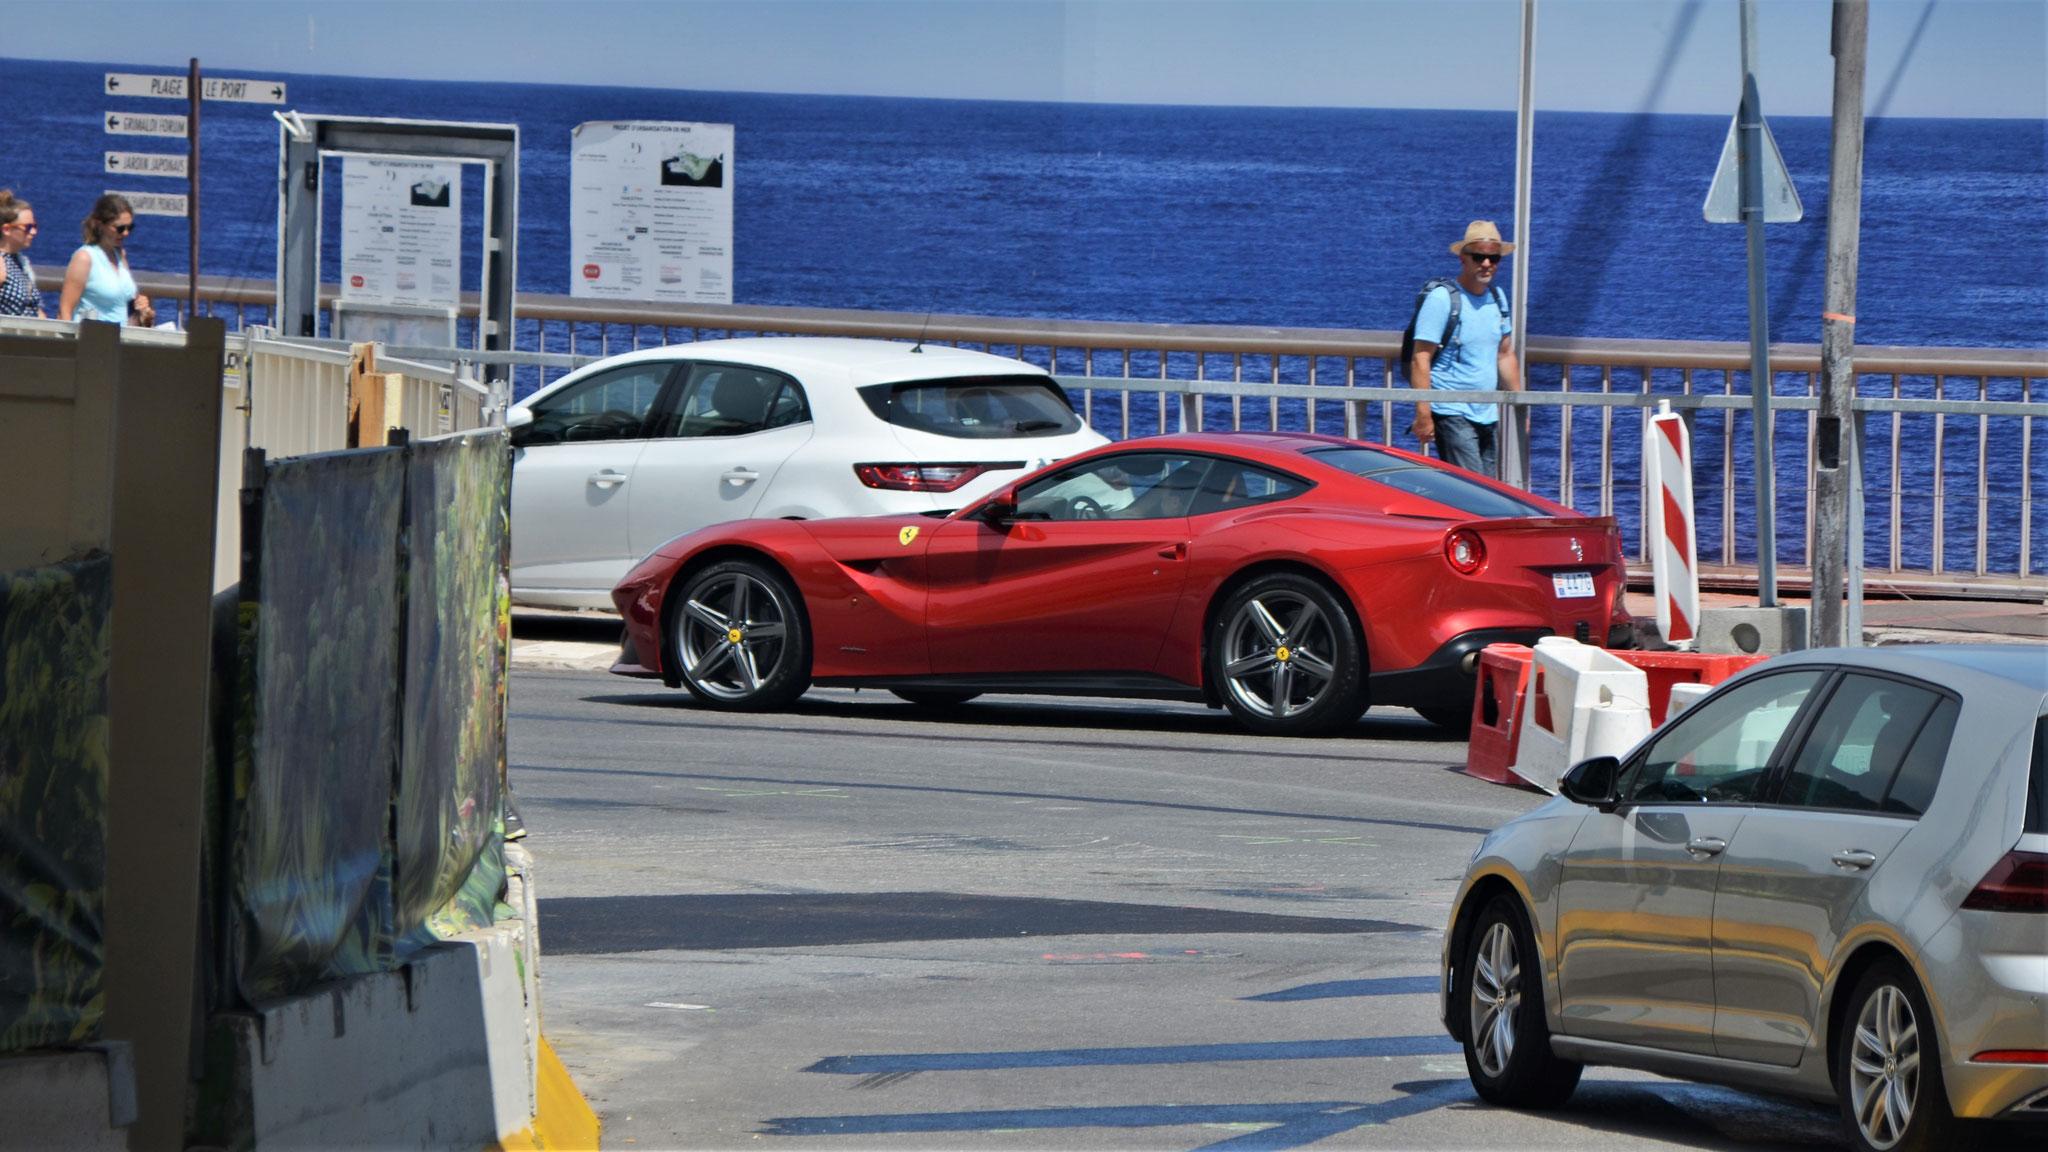 Ferrari F12 Berlinetta - 447G (MC)